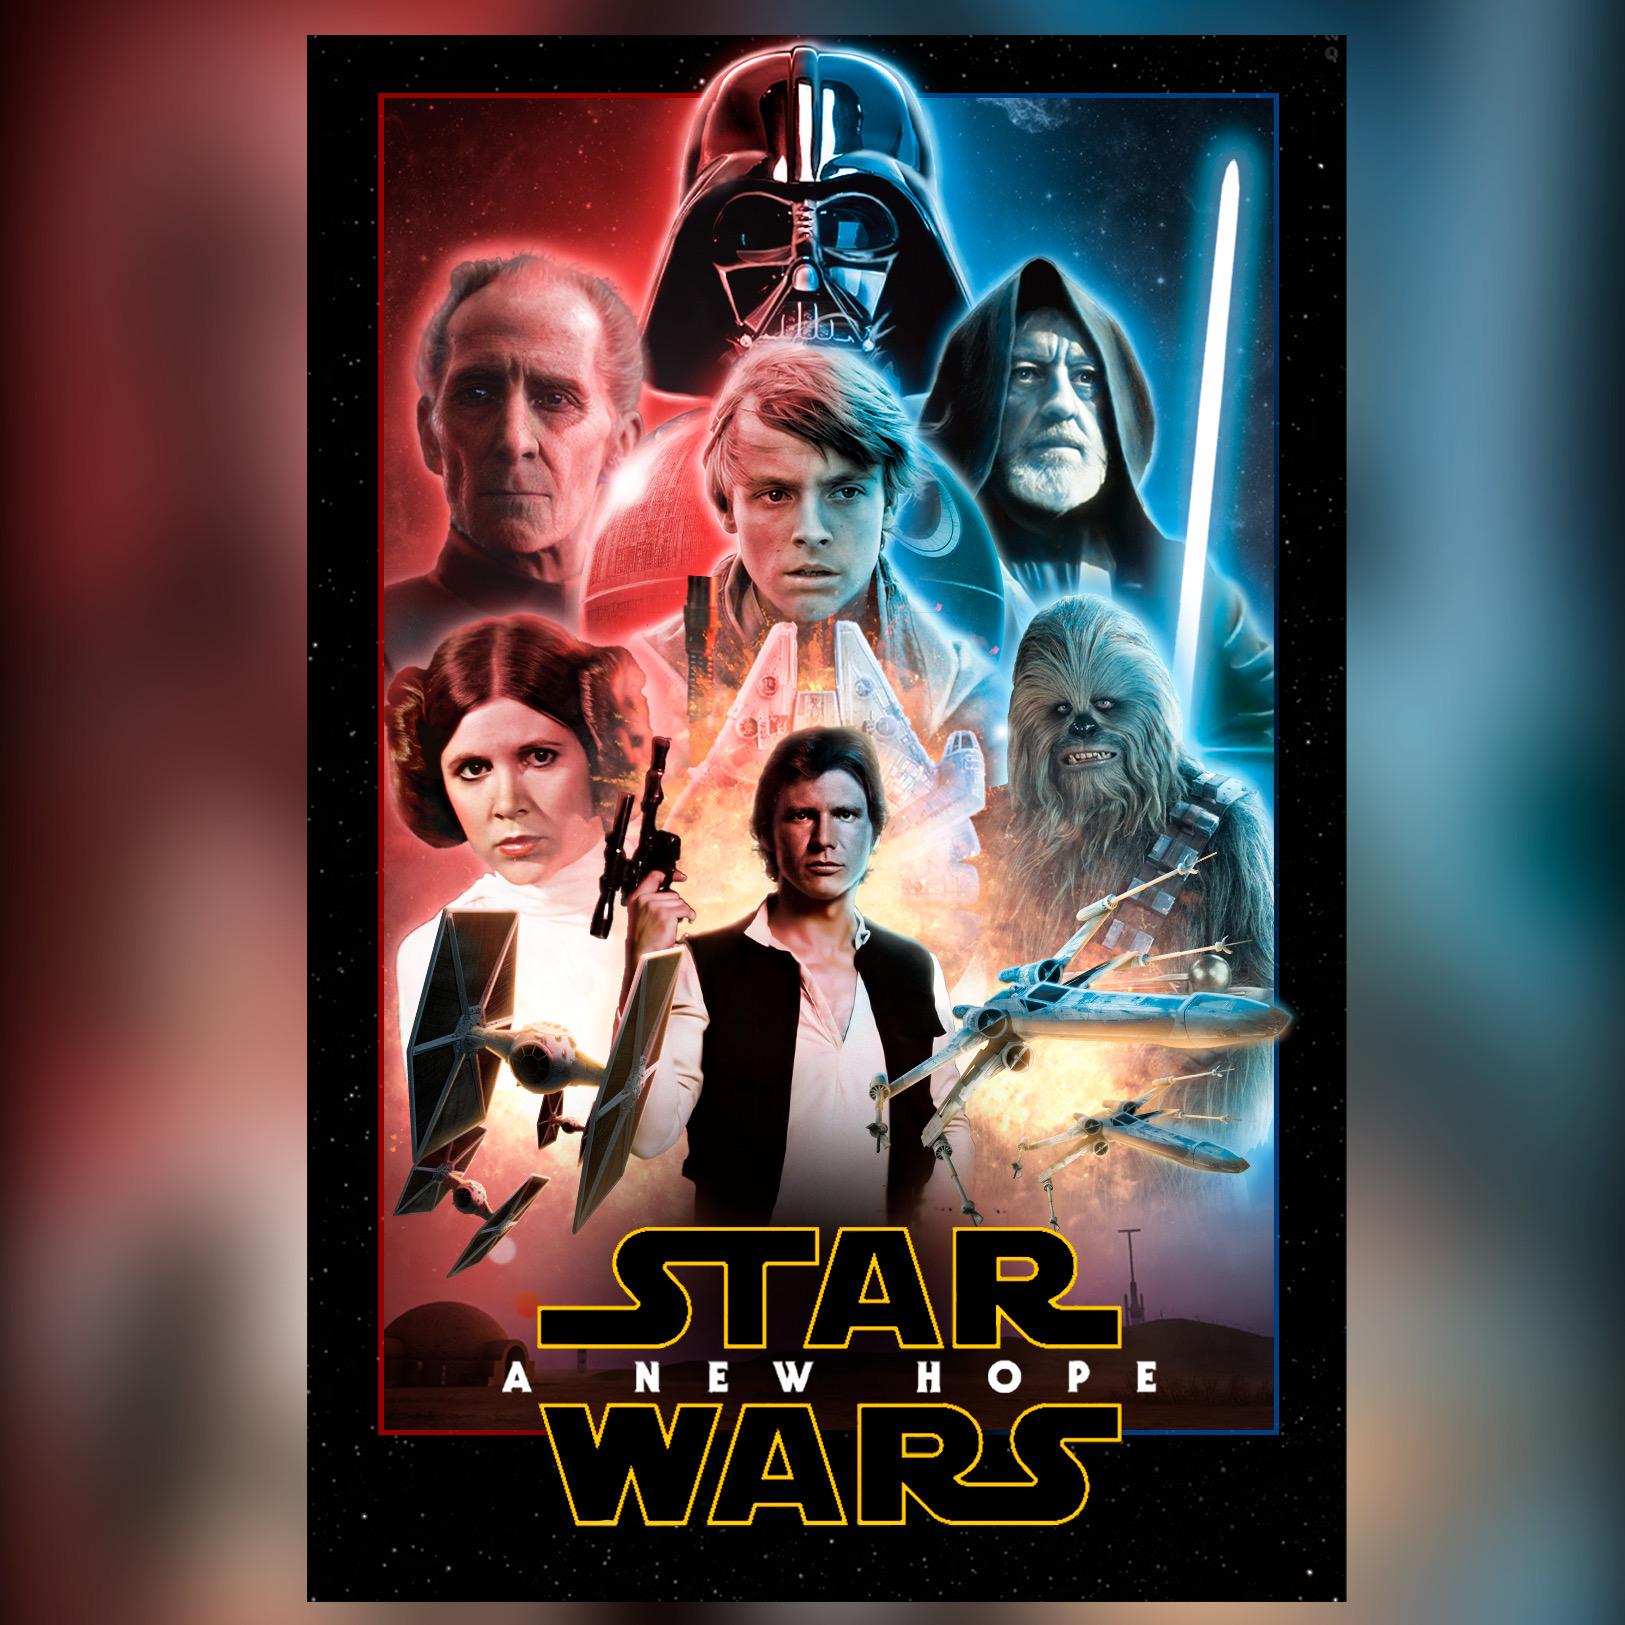 Star Wars Episode Iv A New Hope Remake Poster By Guilleblo On Deviantart